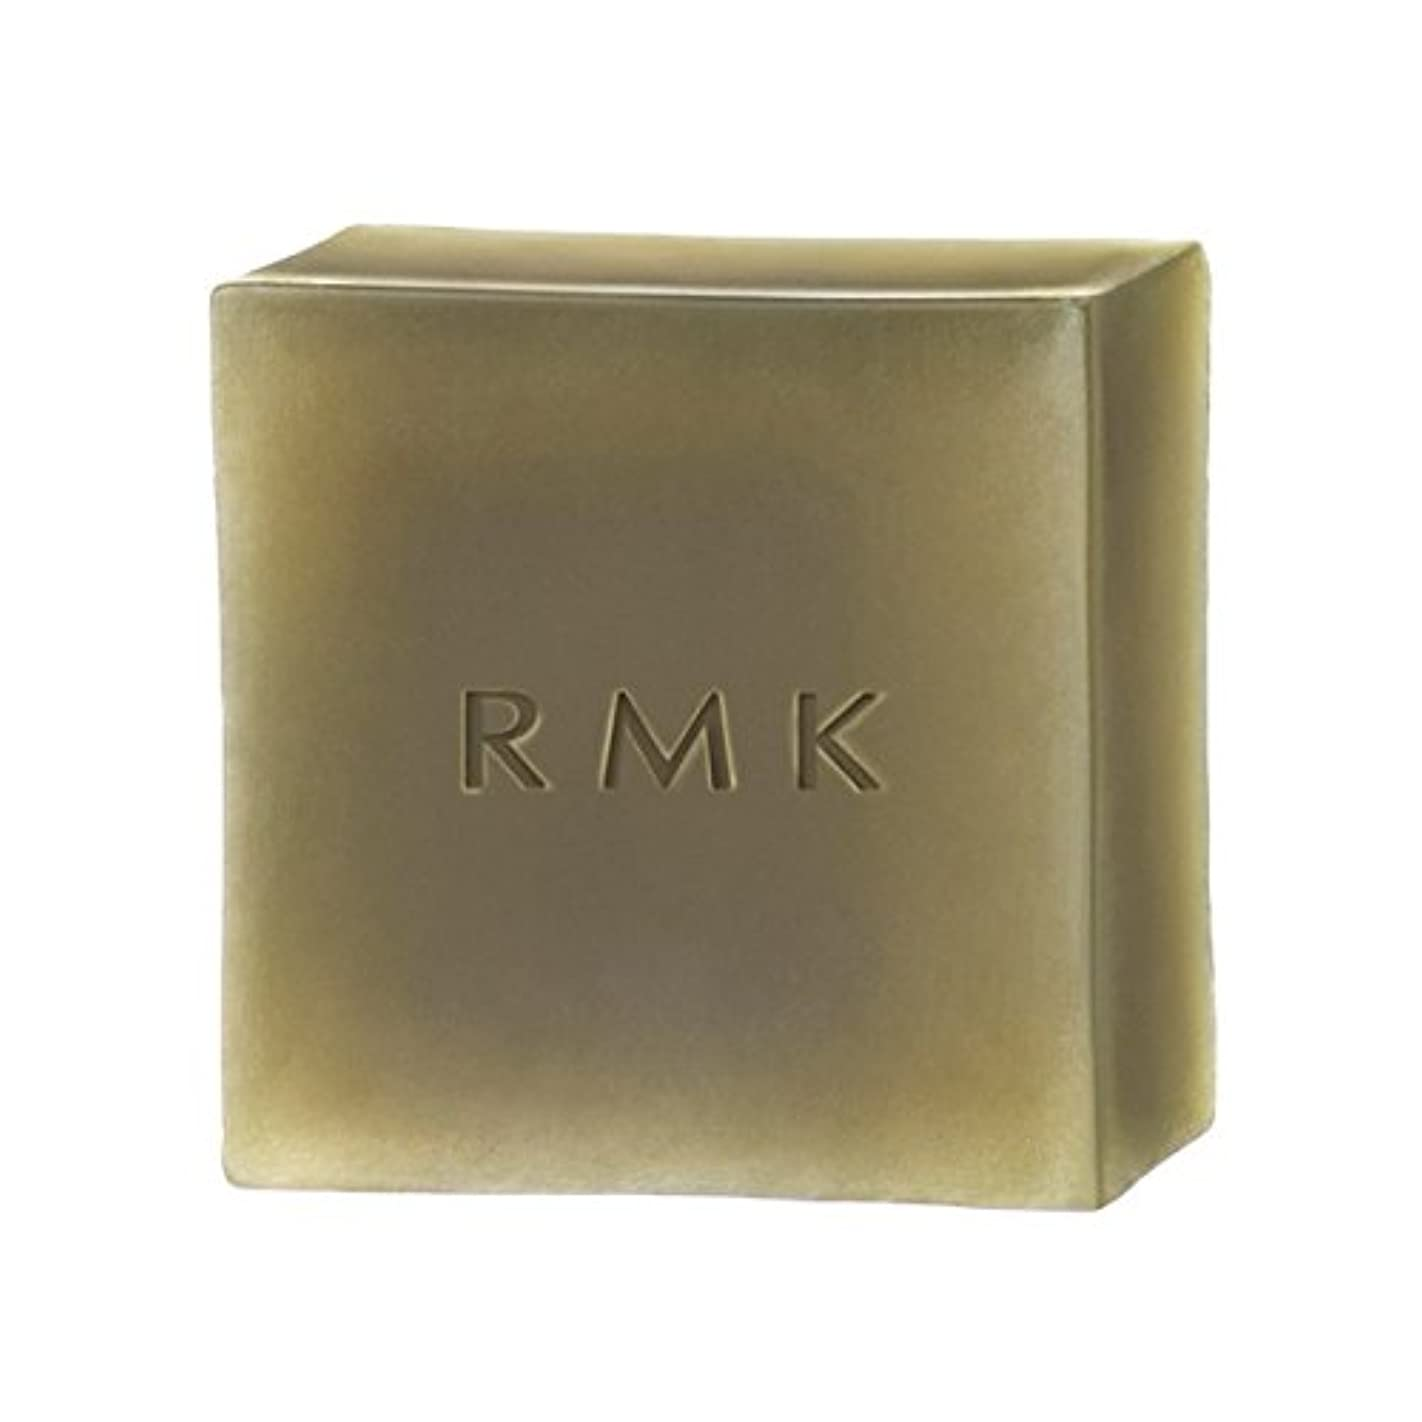 悲劇的な行商黙RMK(アールエムケー) スムース ソープバー 130g